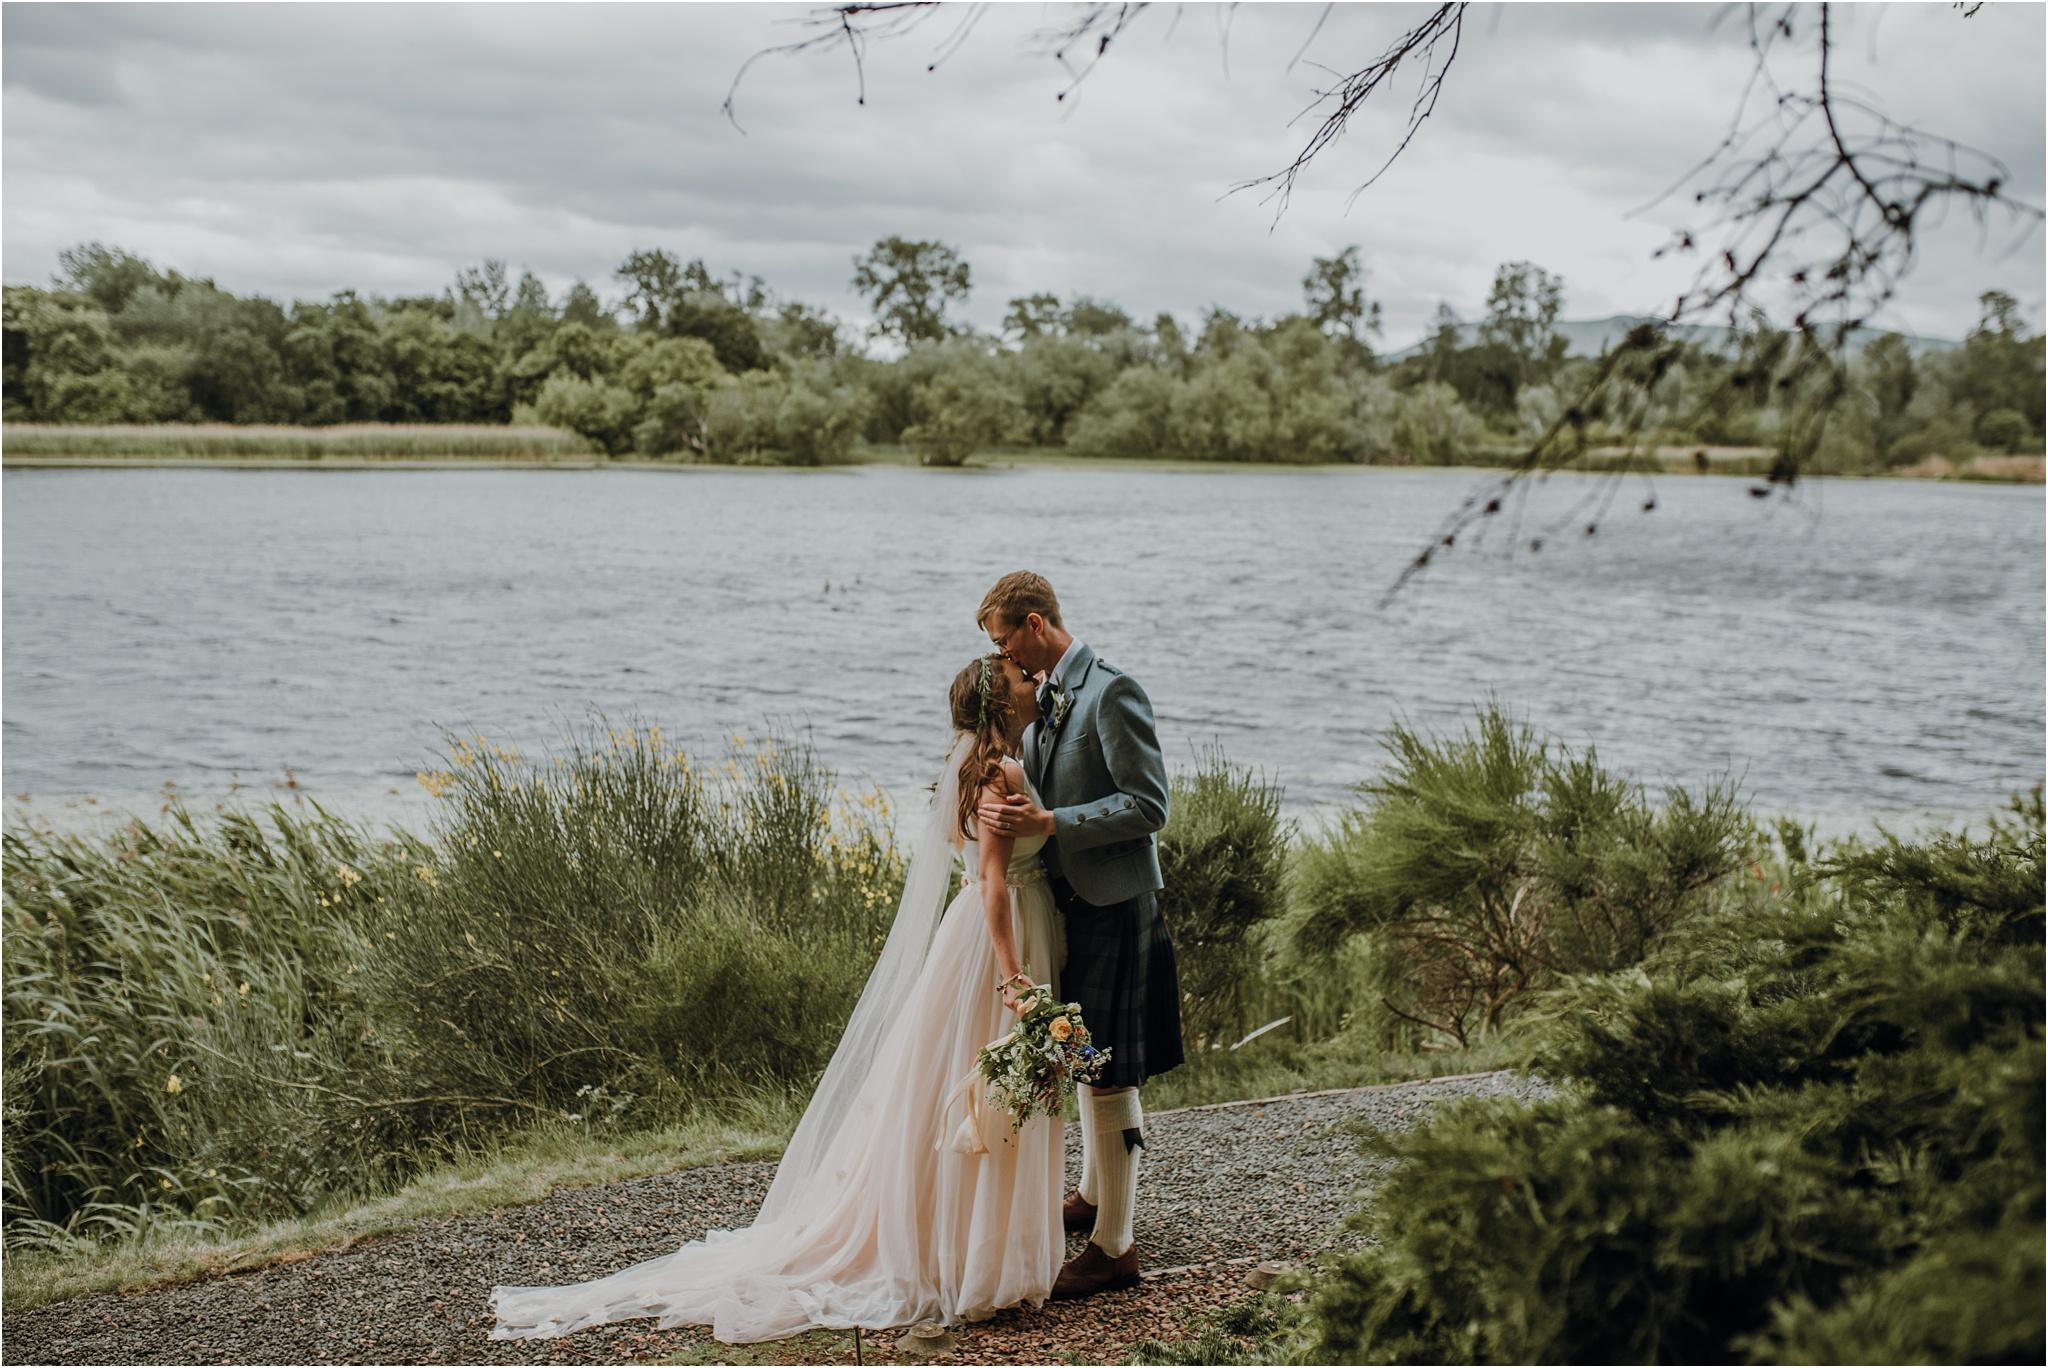 Edinburgh-barn-wedding-photographer_68.jpg